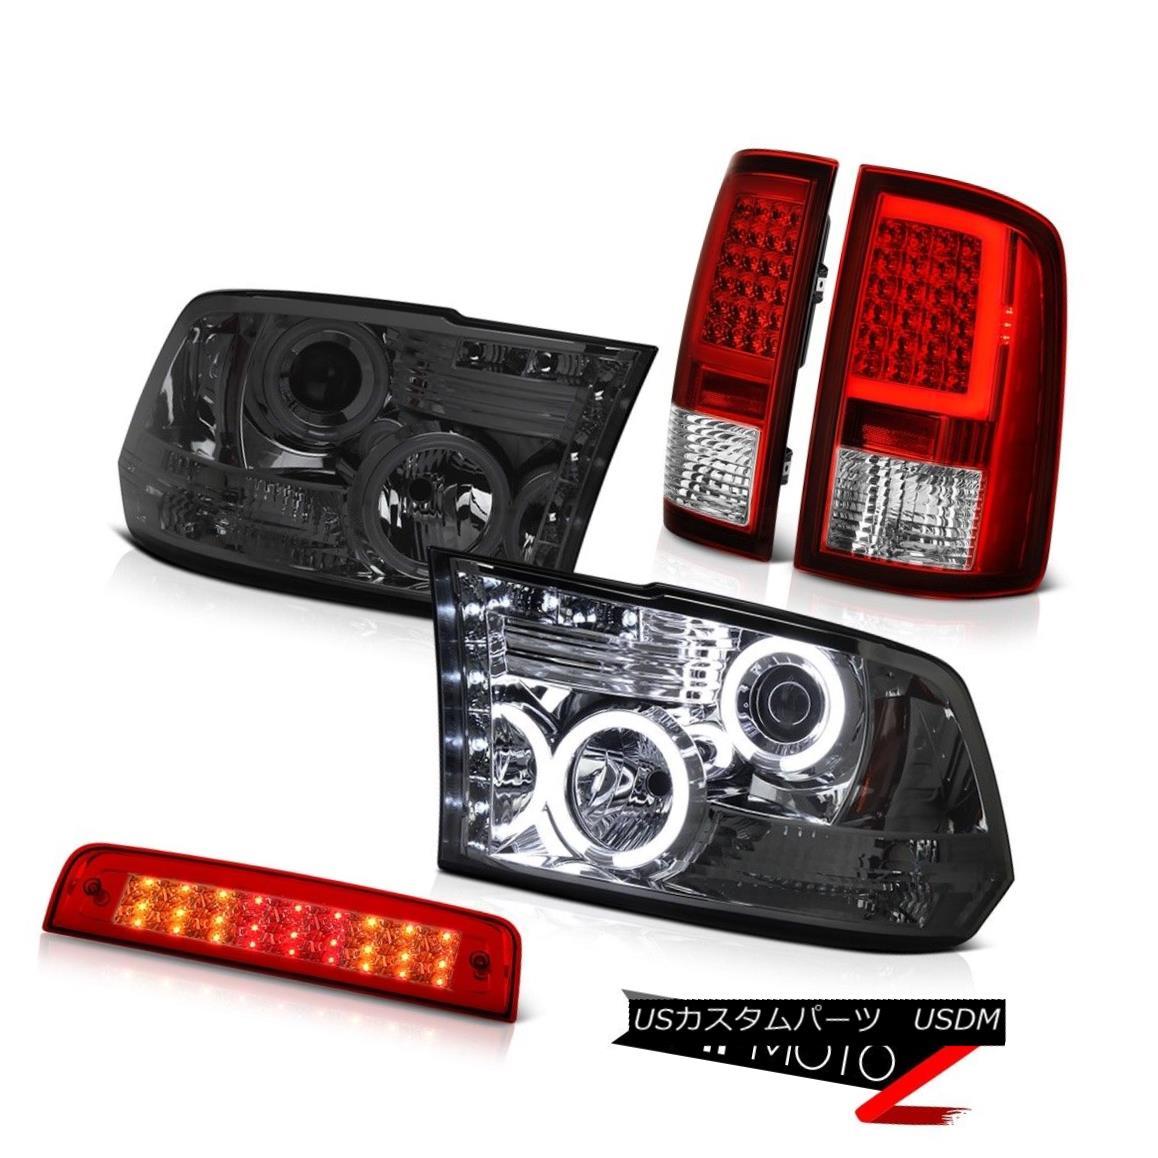 テールライト 2010-2018 Dodge RAM 1500 LED Tail Lights Brake Smoked CCFL Headlamps SET PAIR 2010-2018ダッジRAM 1500 LEDテールライトブレーキスモークCCFLヘッドランプSET PAIR